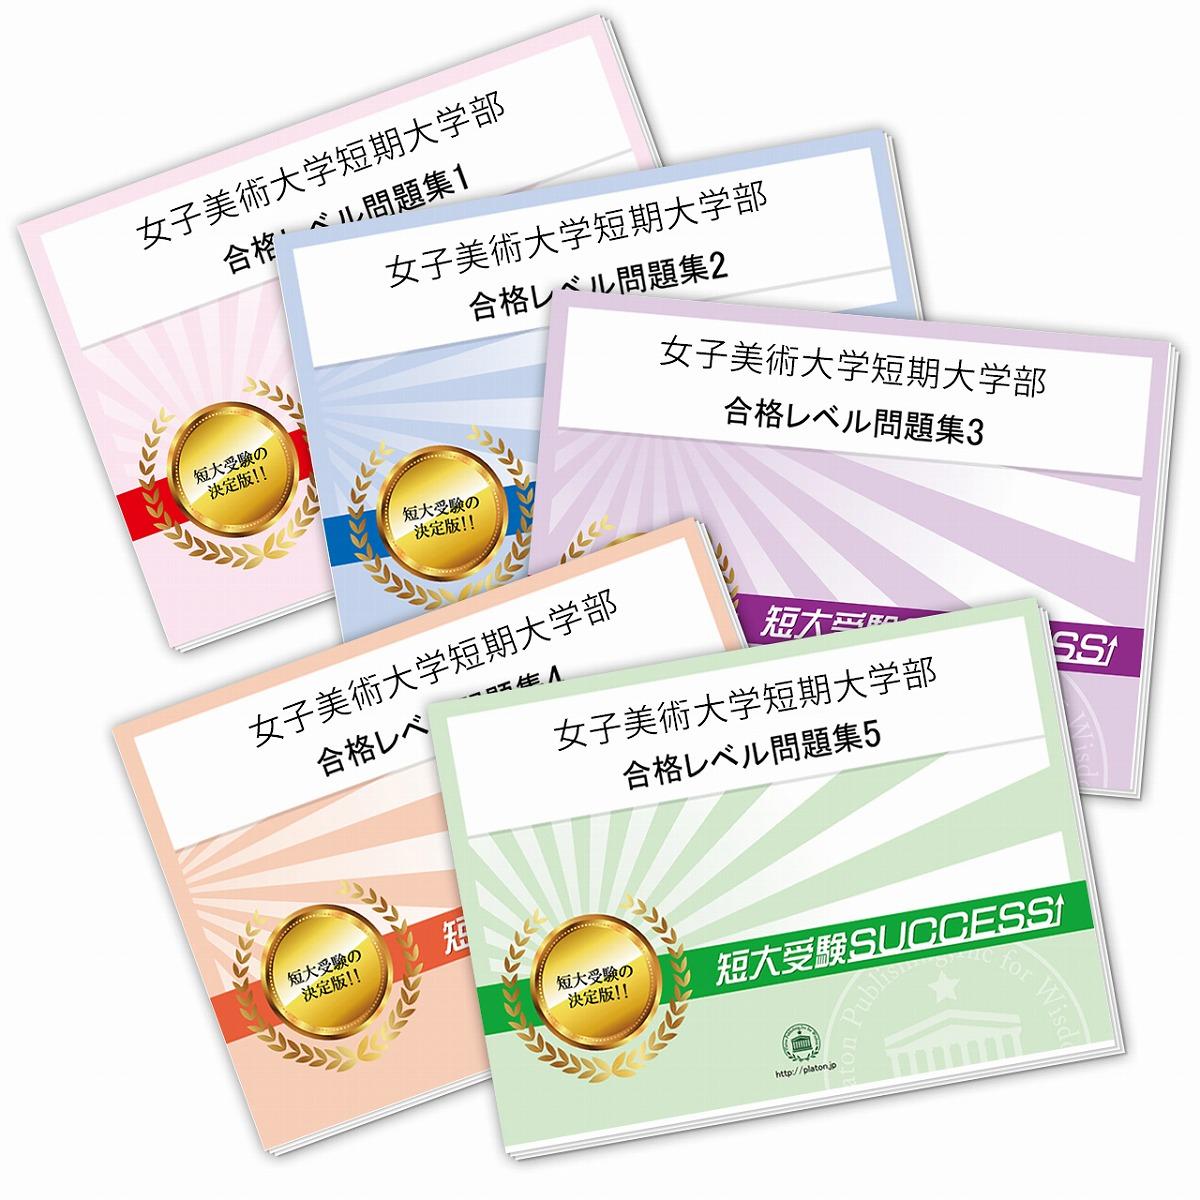 【送料・代引手数料無料】女子美術大学短期大学部受験合格セット(5冊)